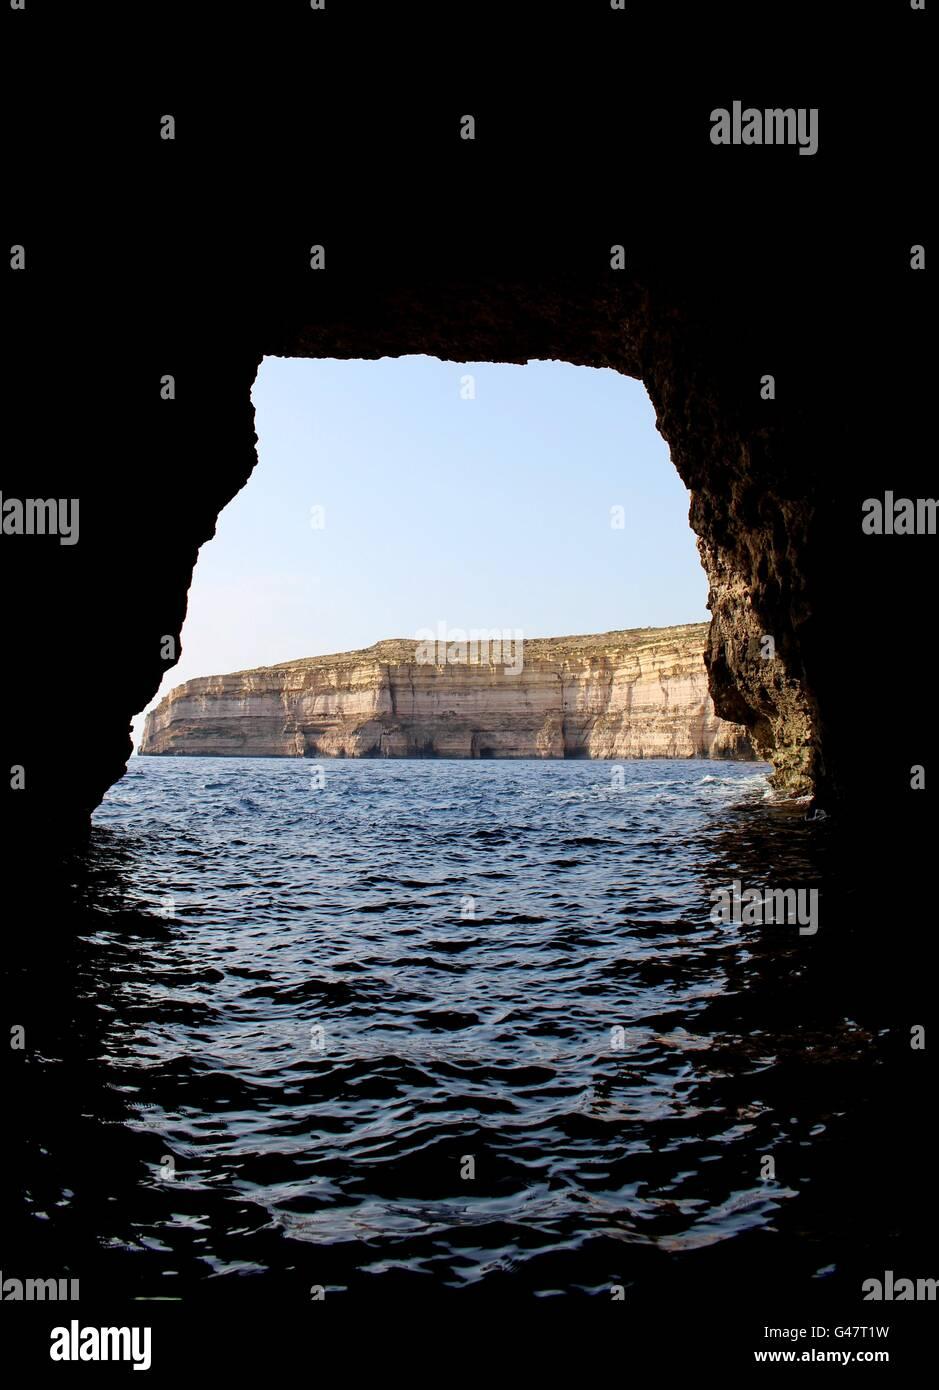 Le voyage à travers les falaises calcaires de Gozo, à partir de la mer intérieure de la mer Méditerranée. Photo Stock